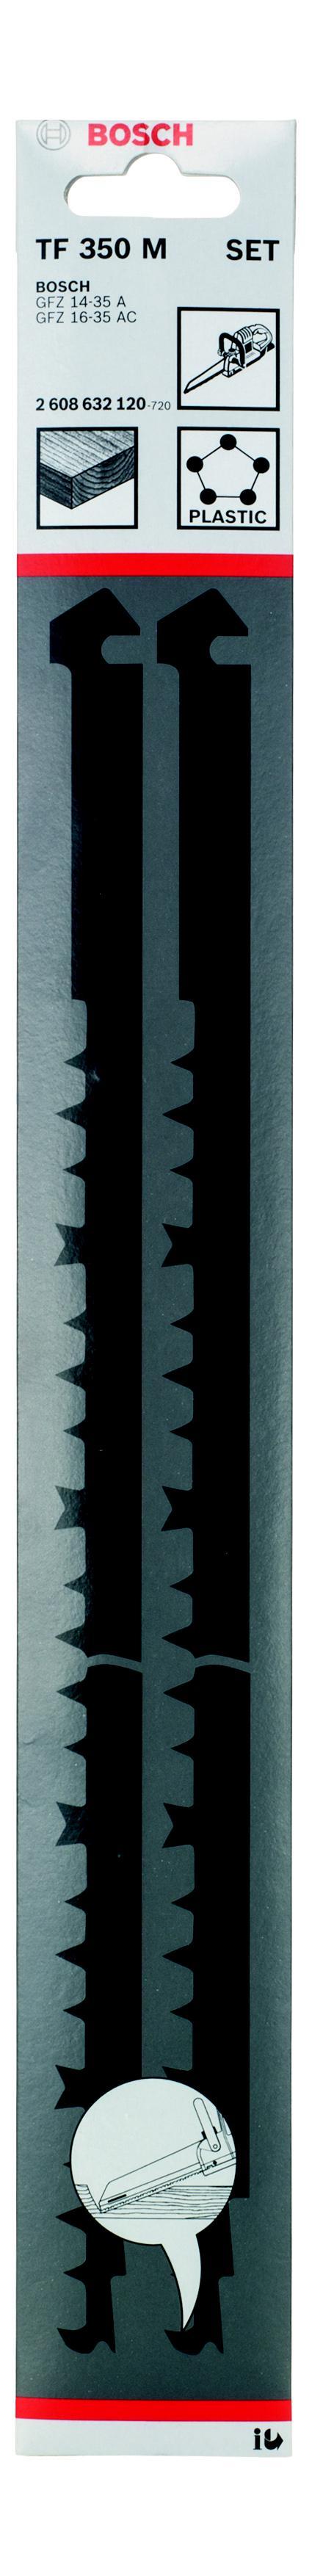 Полотно для сабельной пилы Bosch Tf 350 m (2.608.632.120) bosch mas 6151 m